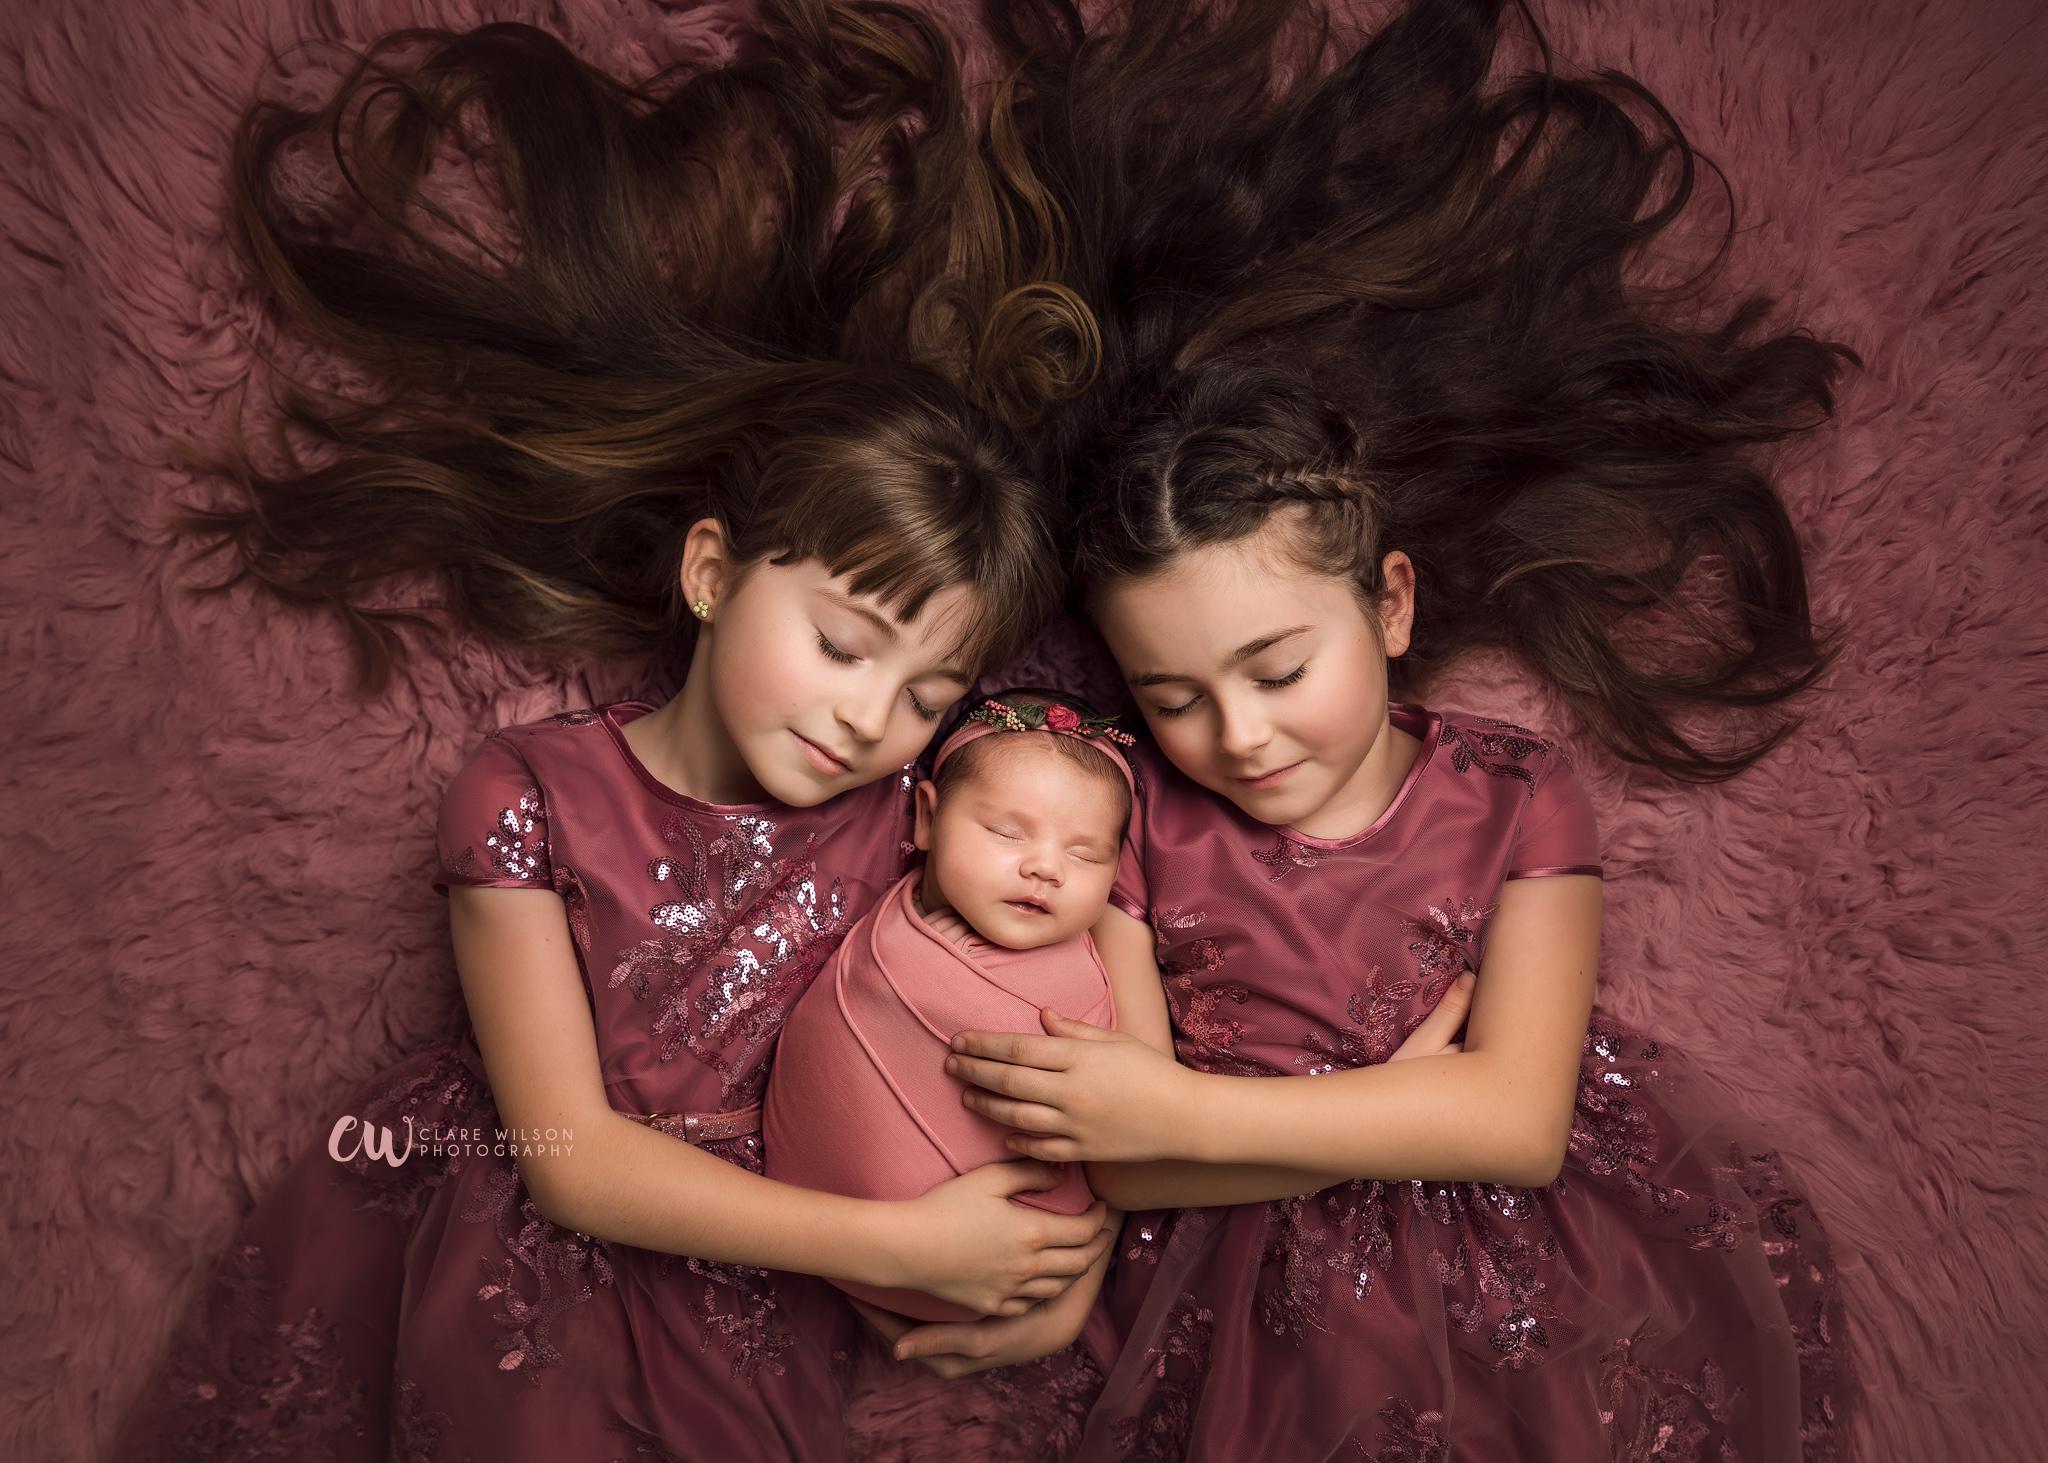 Siblings_B1